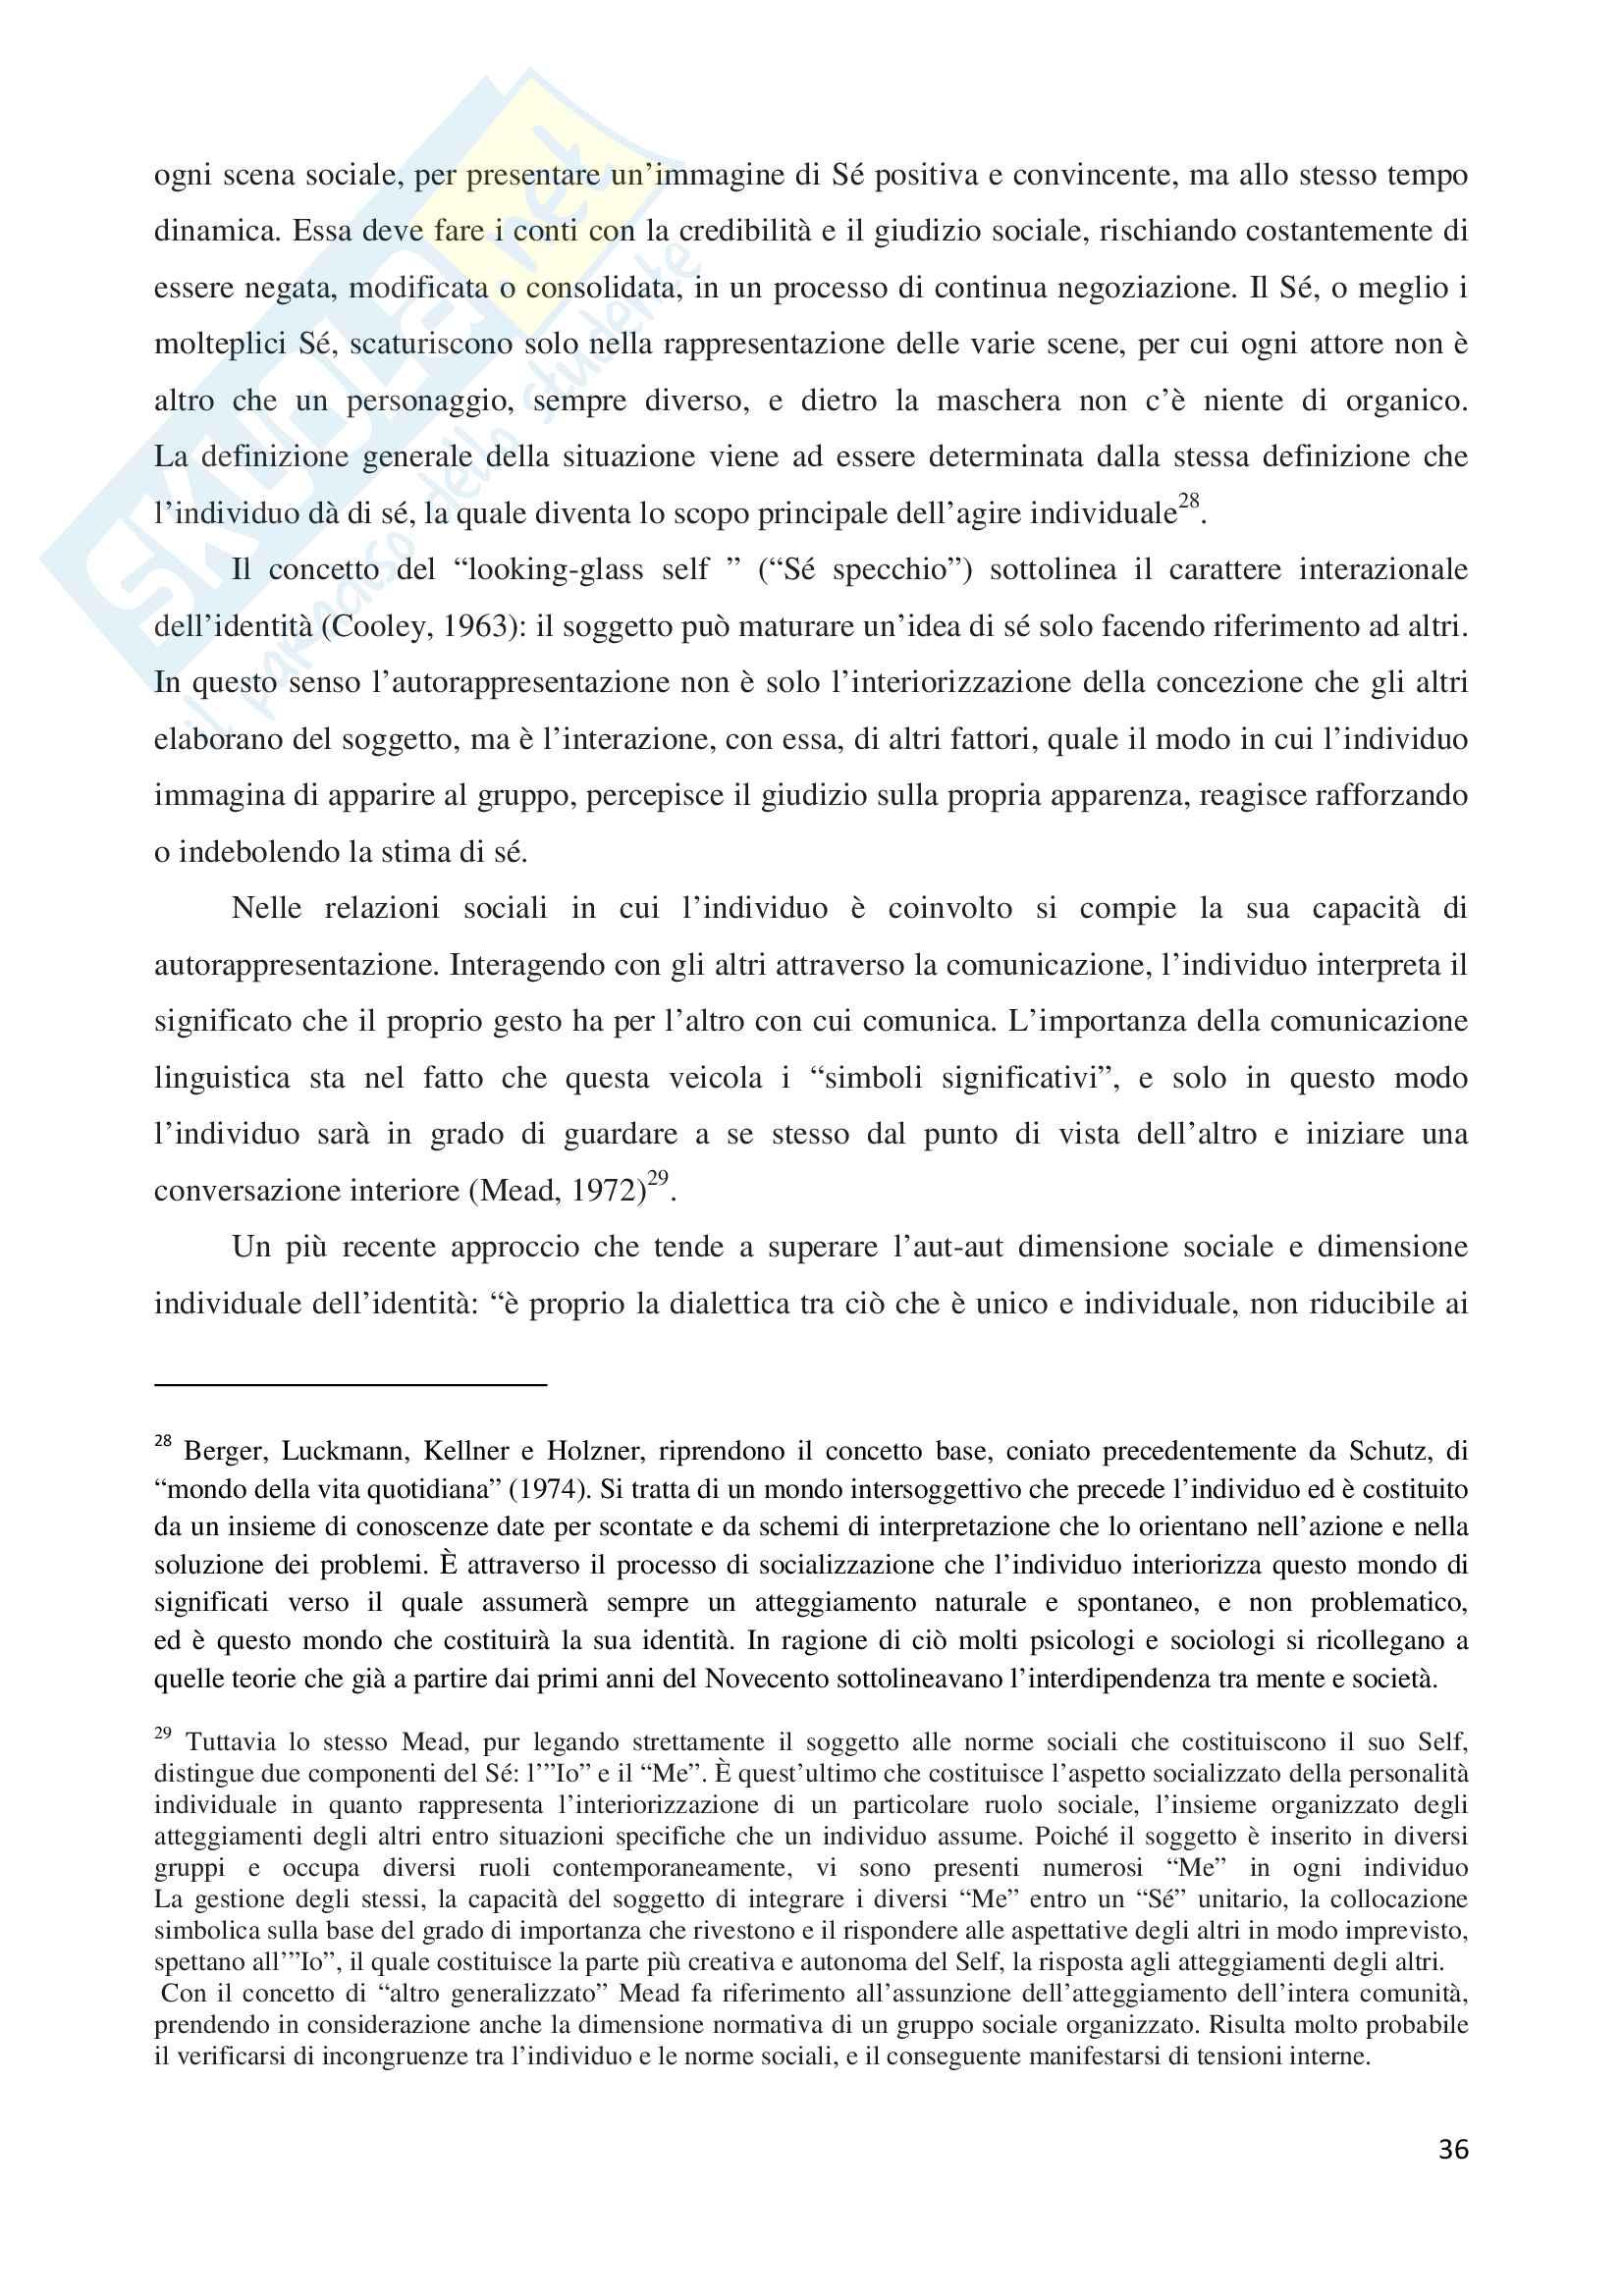 """Riassunto esame Metodi e tecniche del servizio sociale, prof.ssa Rizzo, libro consigliato """"La negoziazione dell'Inatteso. Strategie comunicative nel colloquio d'aiuto"""" Pag. 36"""